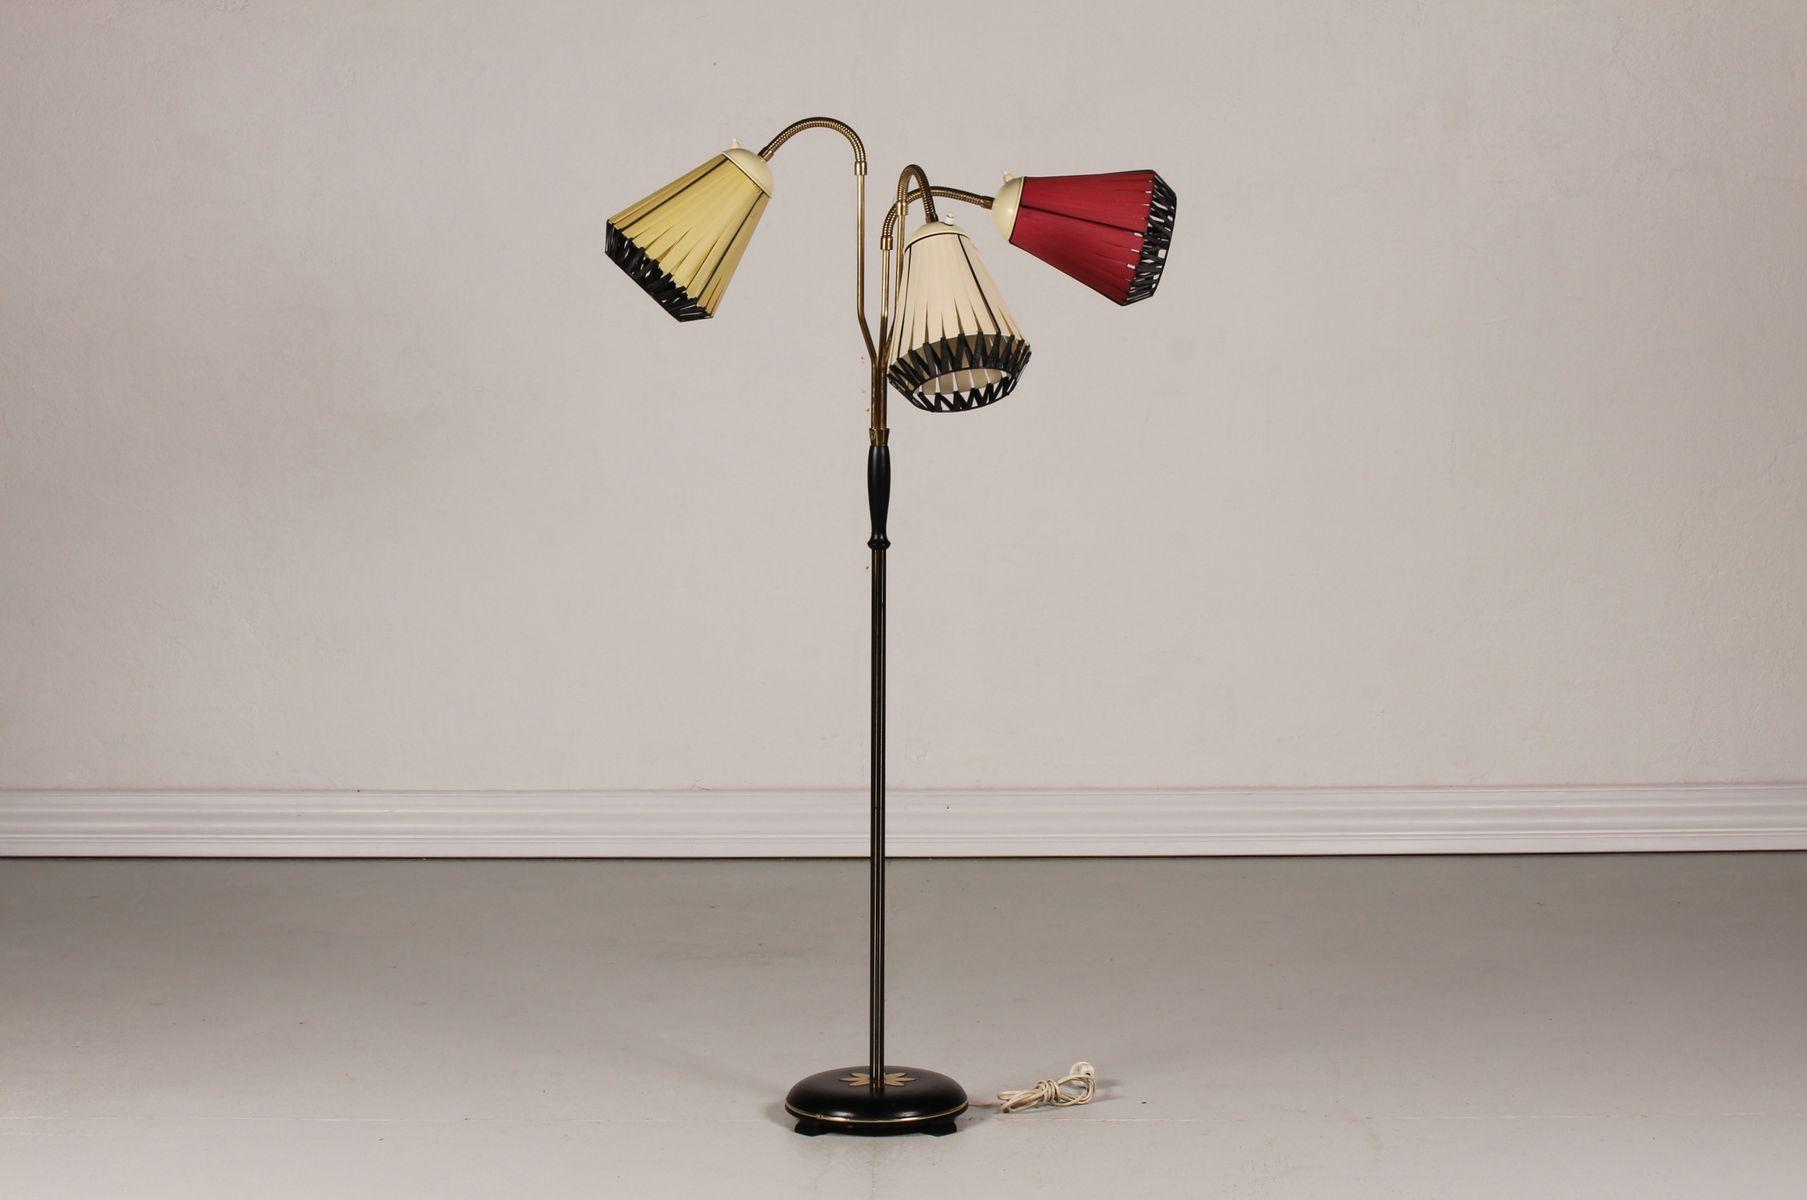 skandinavische stehlampe mit drei leuchten 1950er bei. Black Bedroom Furniture Sets. Home Design Ideas